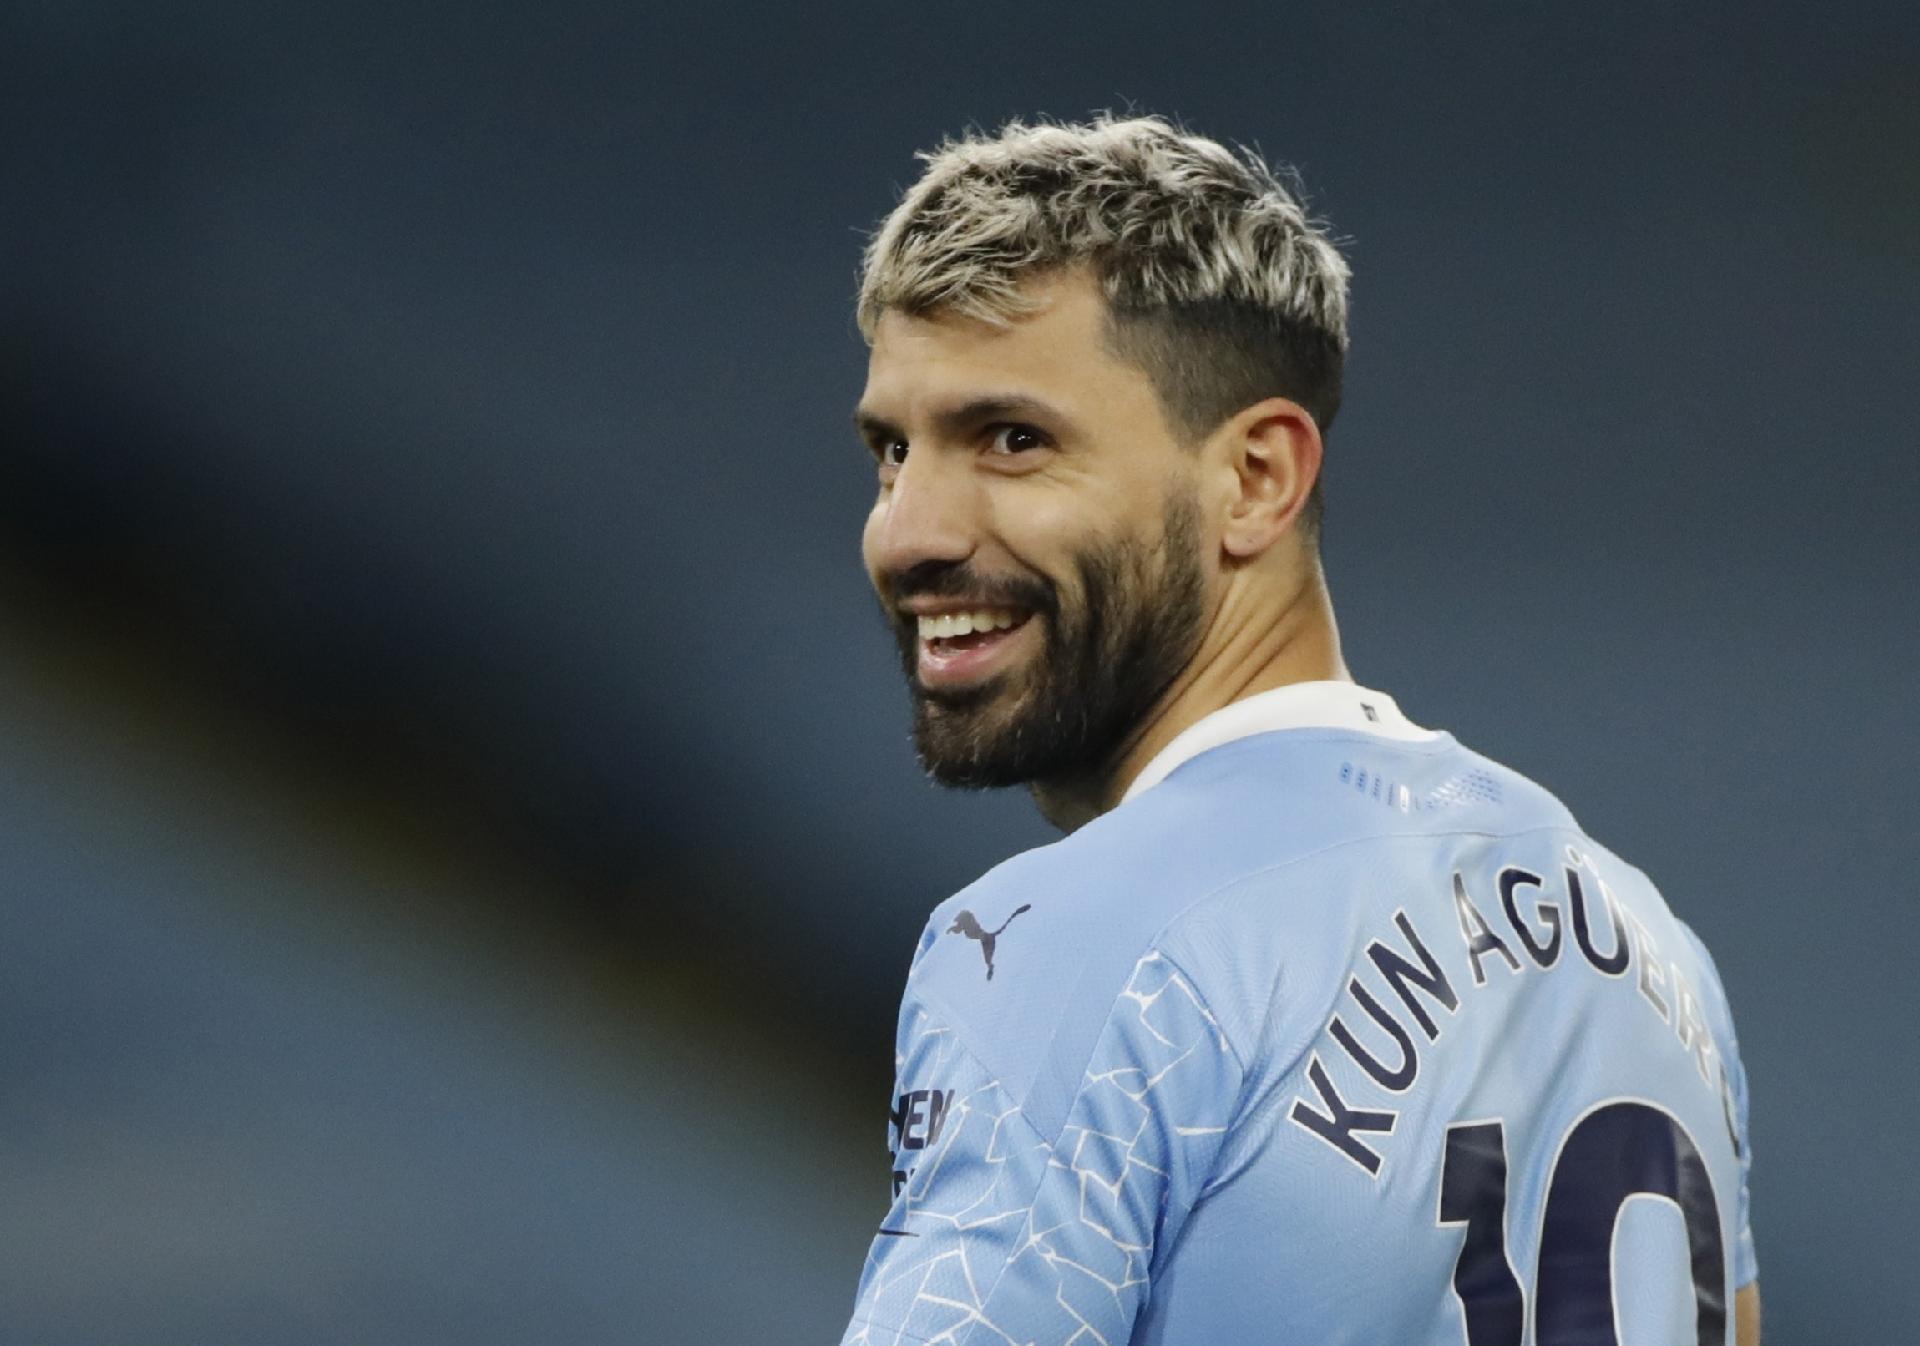 Por enquanto, o jogador está apenas focado na final do próximo sábado - Foto: Clive Brunskill/Reuters